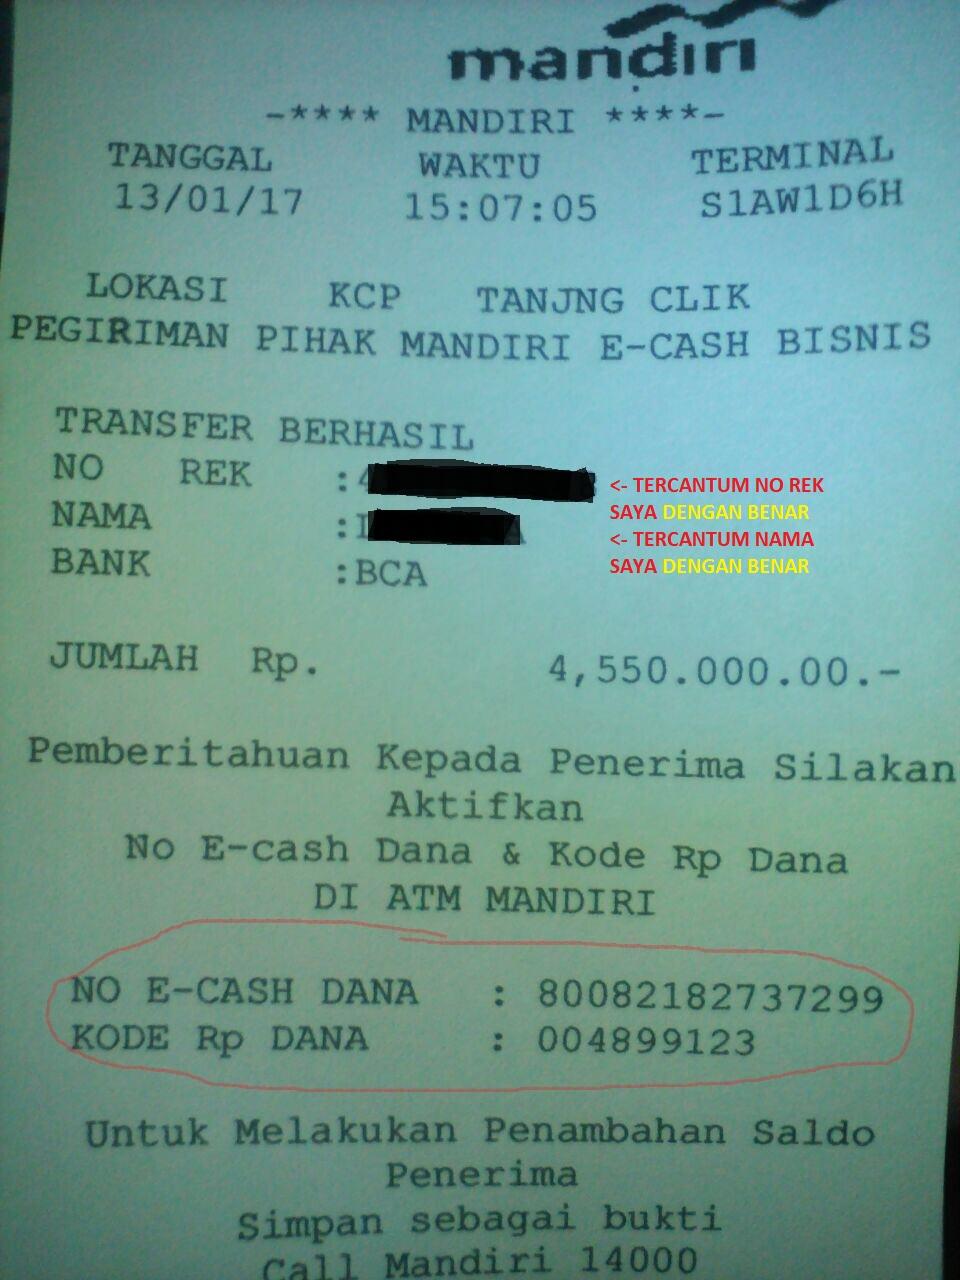 Kronologis Lengkap Penipuan Mandiri E Cash Oleh Monica Gunawanjap Money Saldo Rp 0 Halaman All